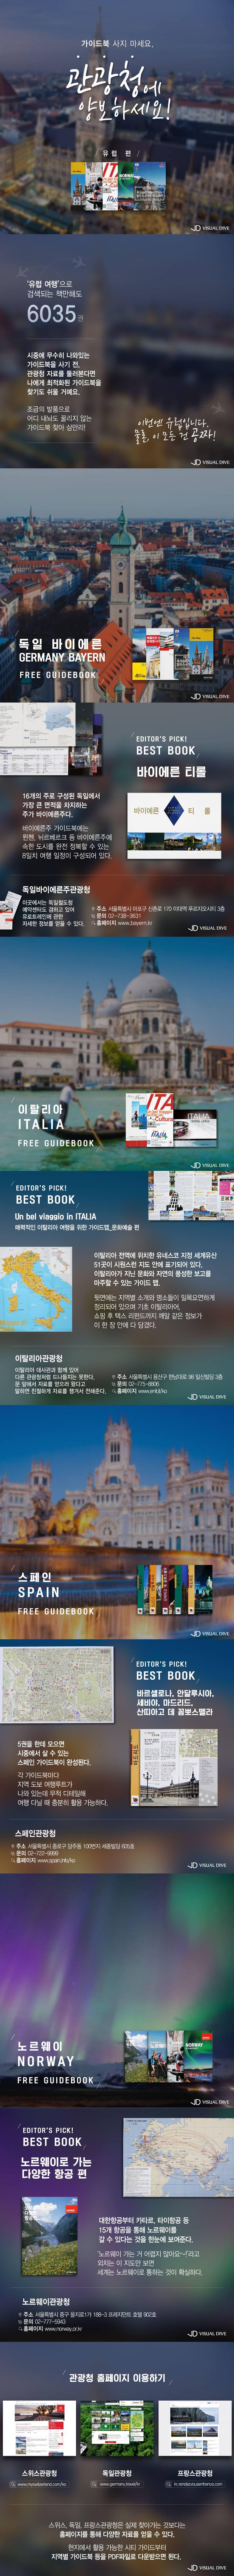 가이드북 사지 마세요, 관광청에 양보하세요, 유럽 편 [인포그래픽] #Europe / #infograhpic ⓒ 비주얼다이브 무단 복사·전재·재배포 금지